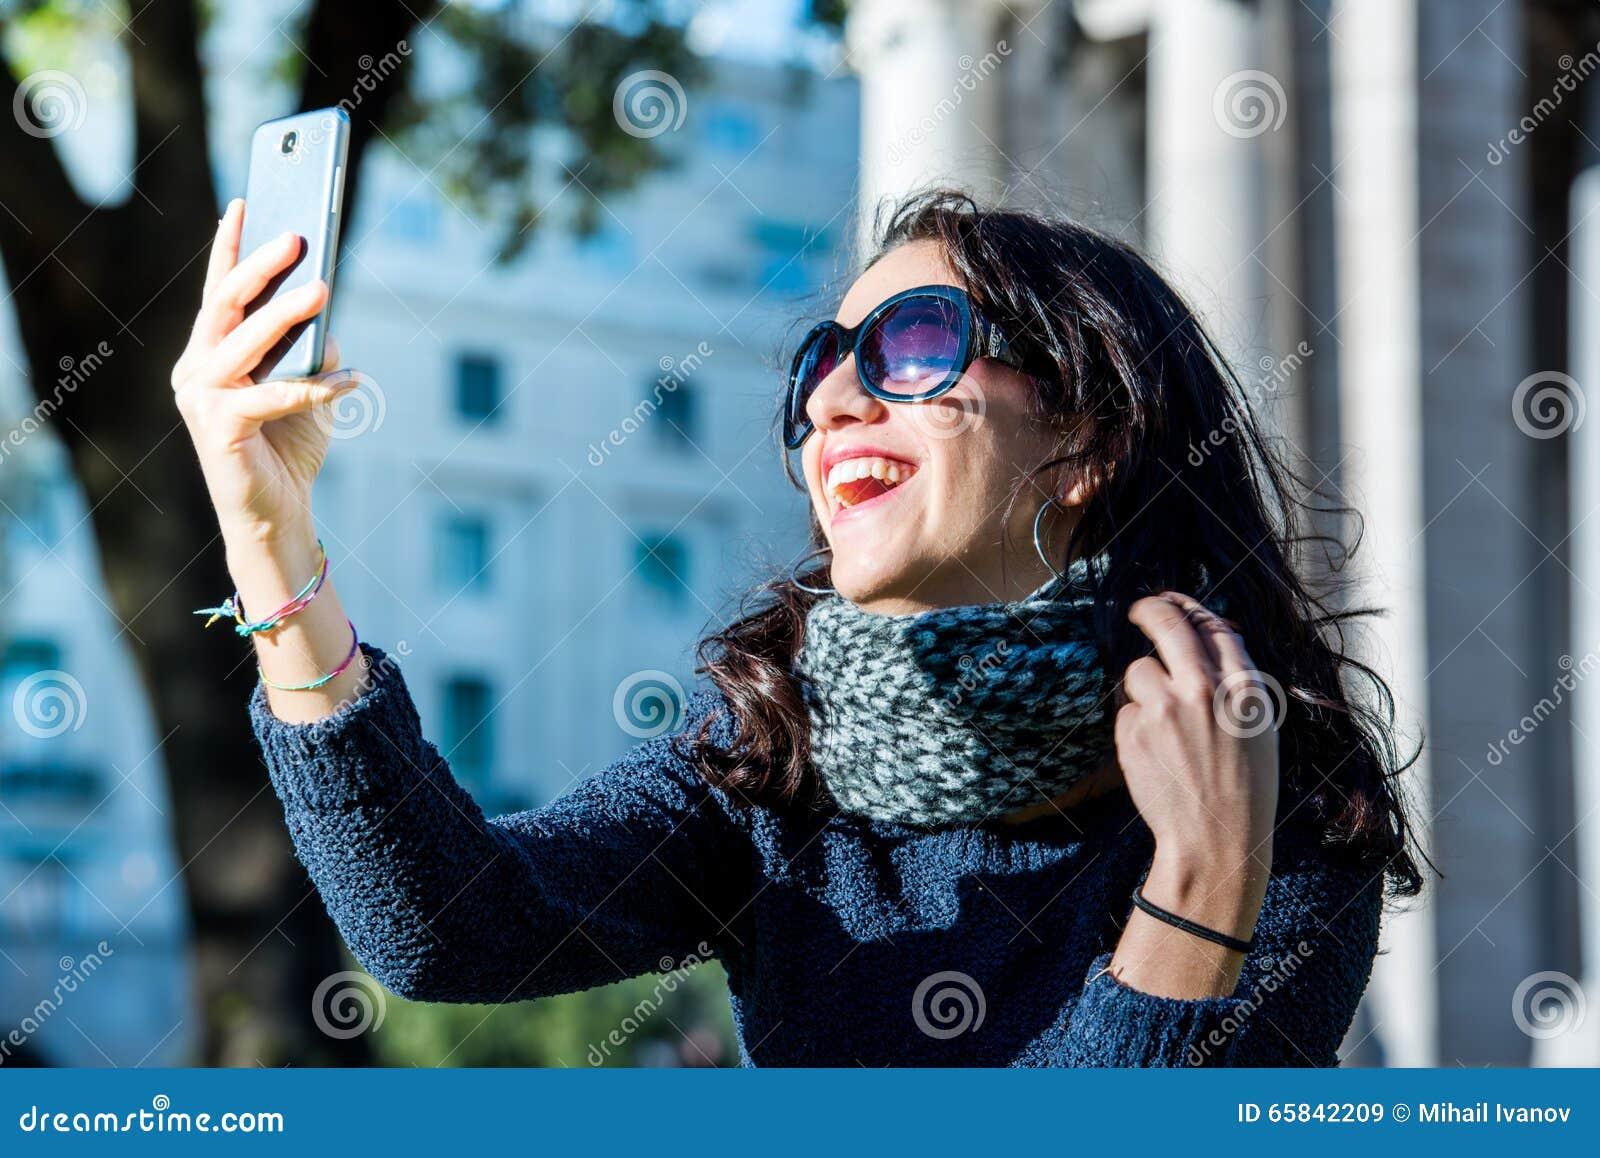 Mooie tiener met donkere haar en zon selfies en glazen die nemen laughting - sluit schot